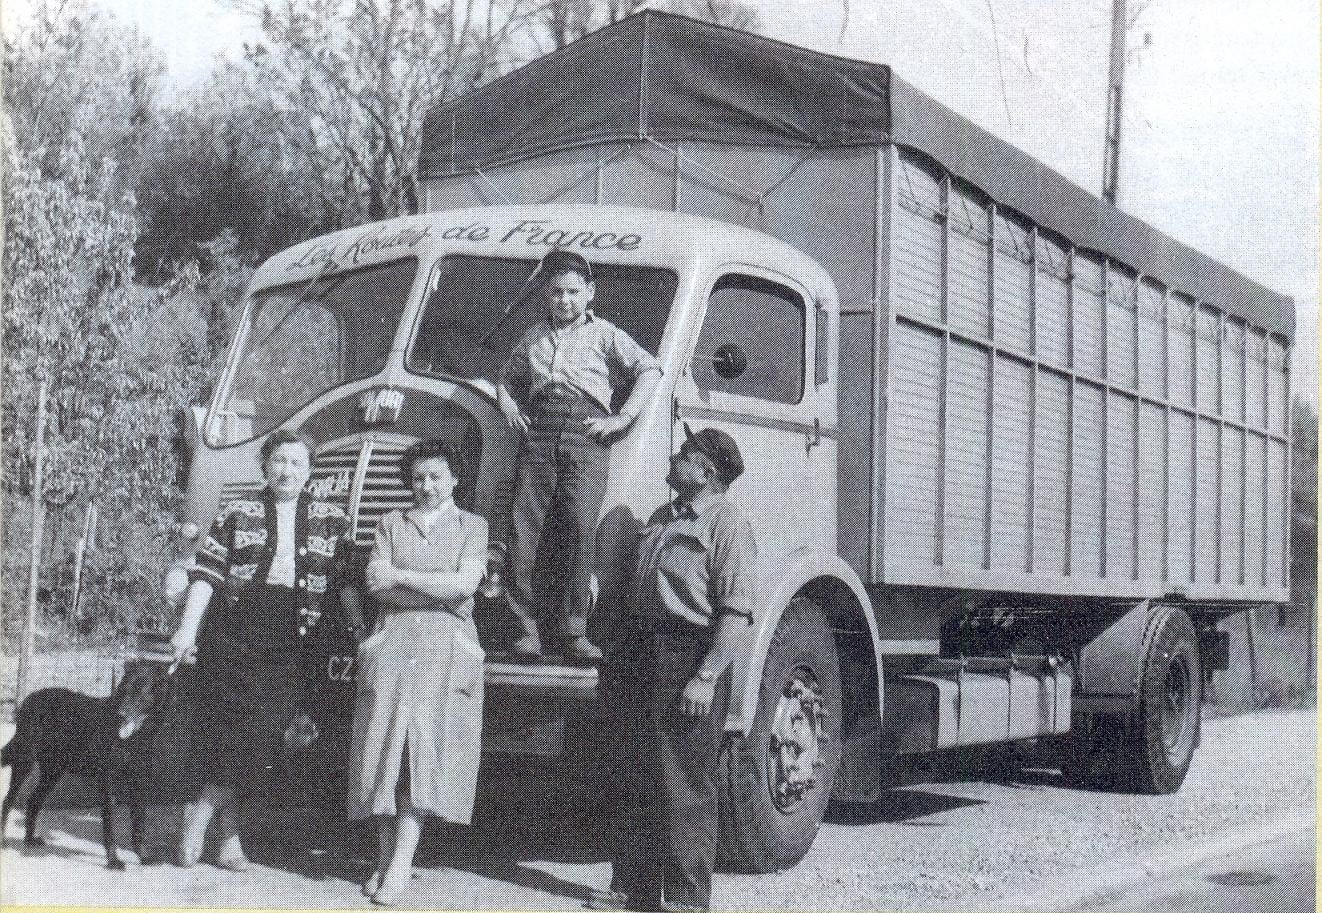 SOMUA-JL-17--originele-fabriekscabine-in-1952-53--Zeer-snelle-vrachtwagen-voor-deze-tijd--Je-ziet-de-papa-die-trots-is-op-zijn-zoon